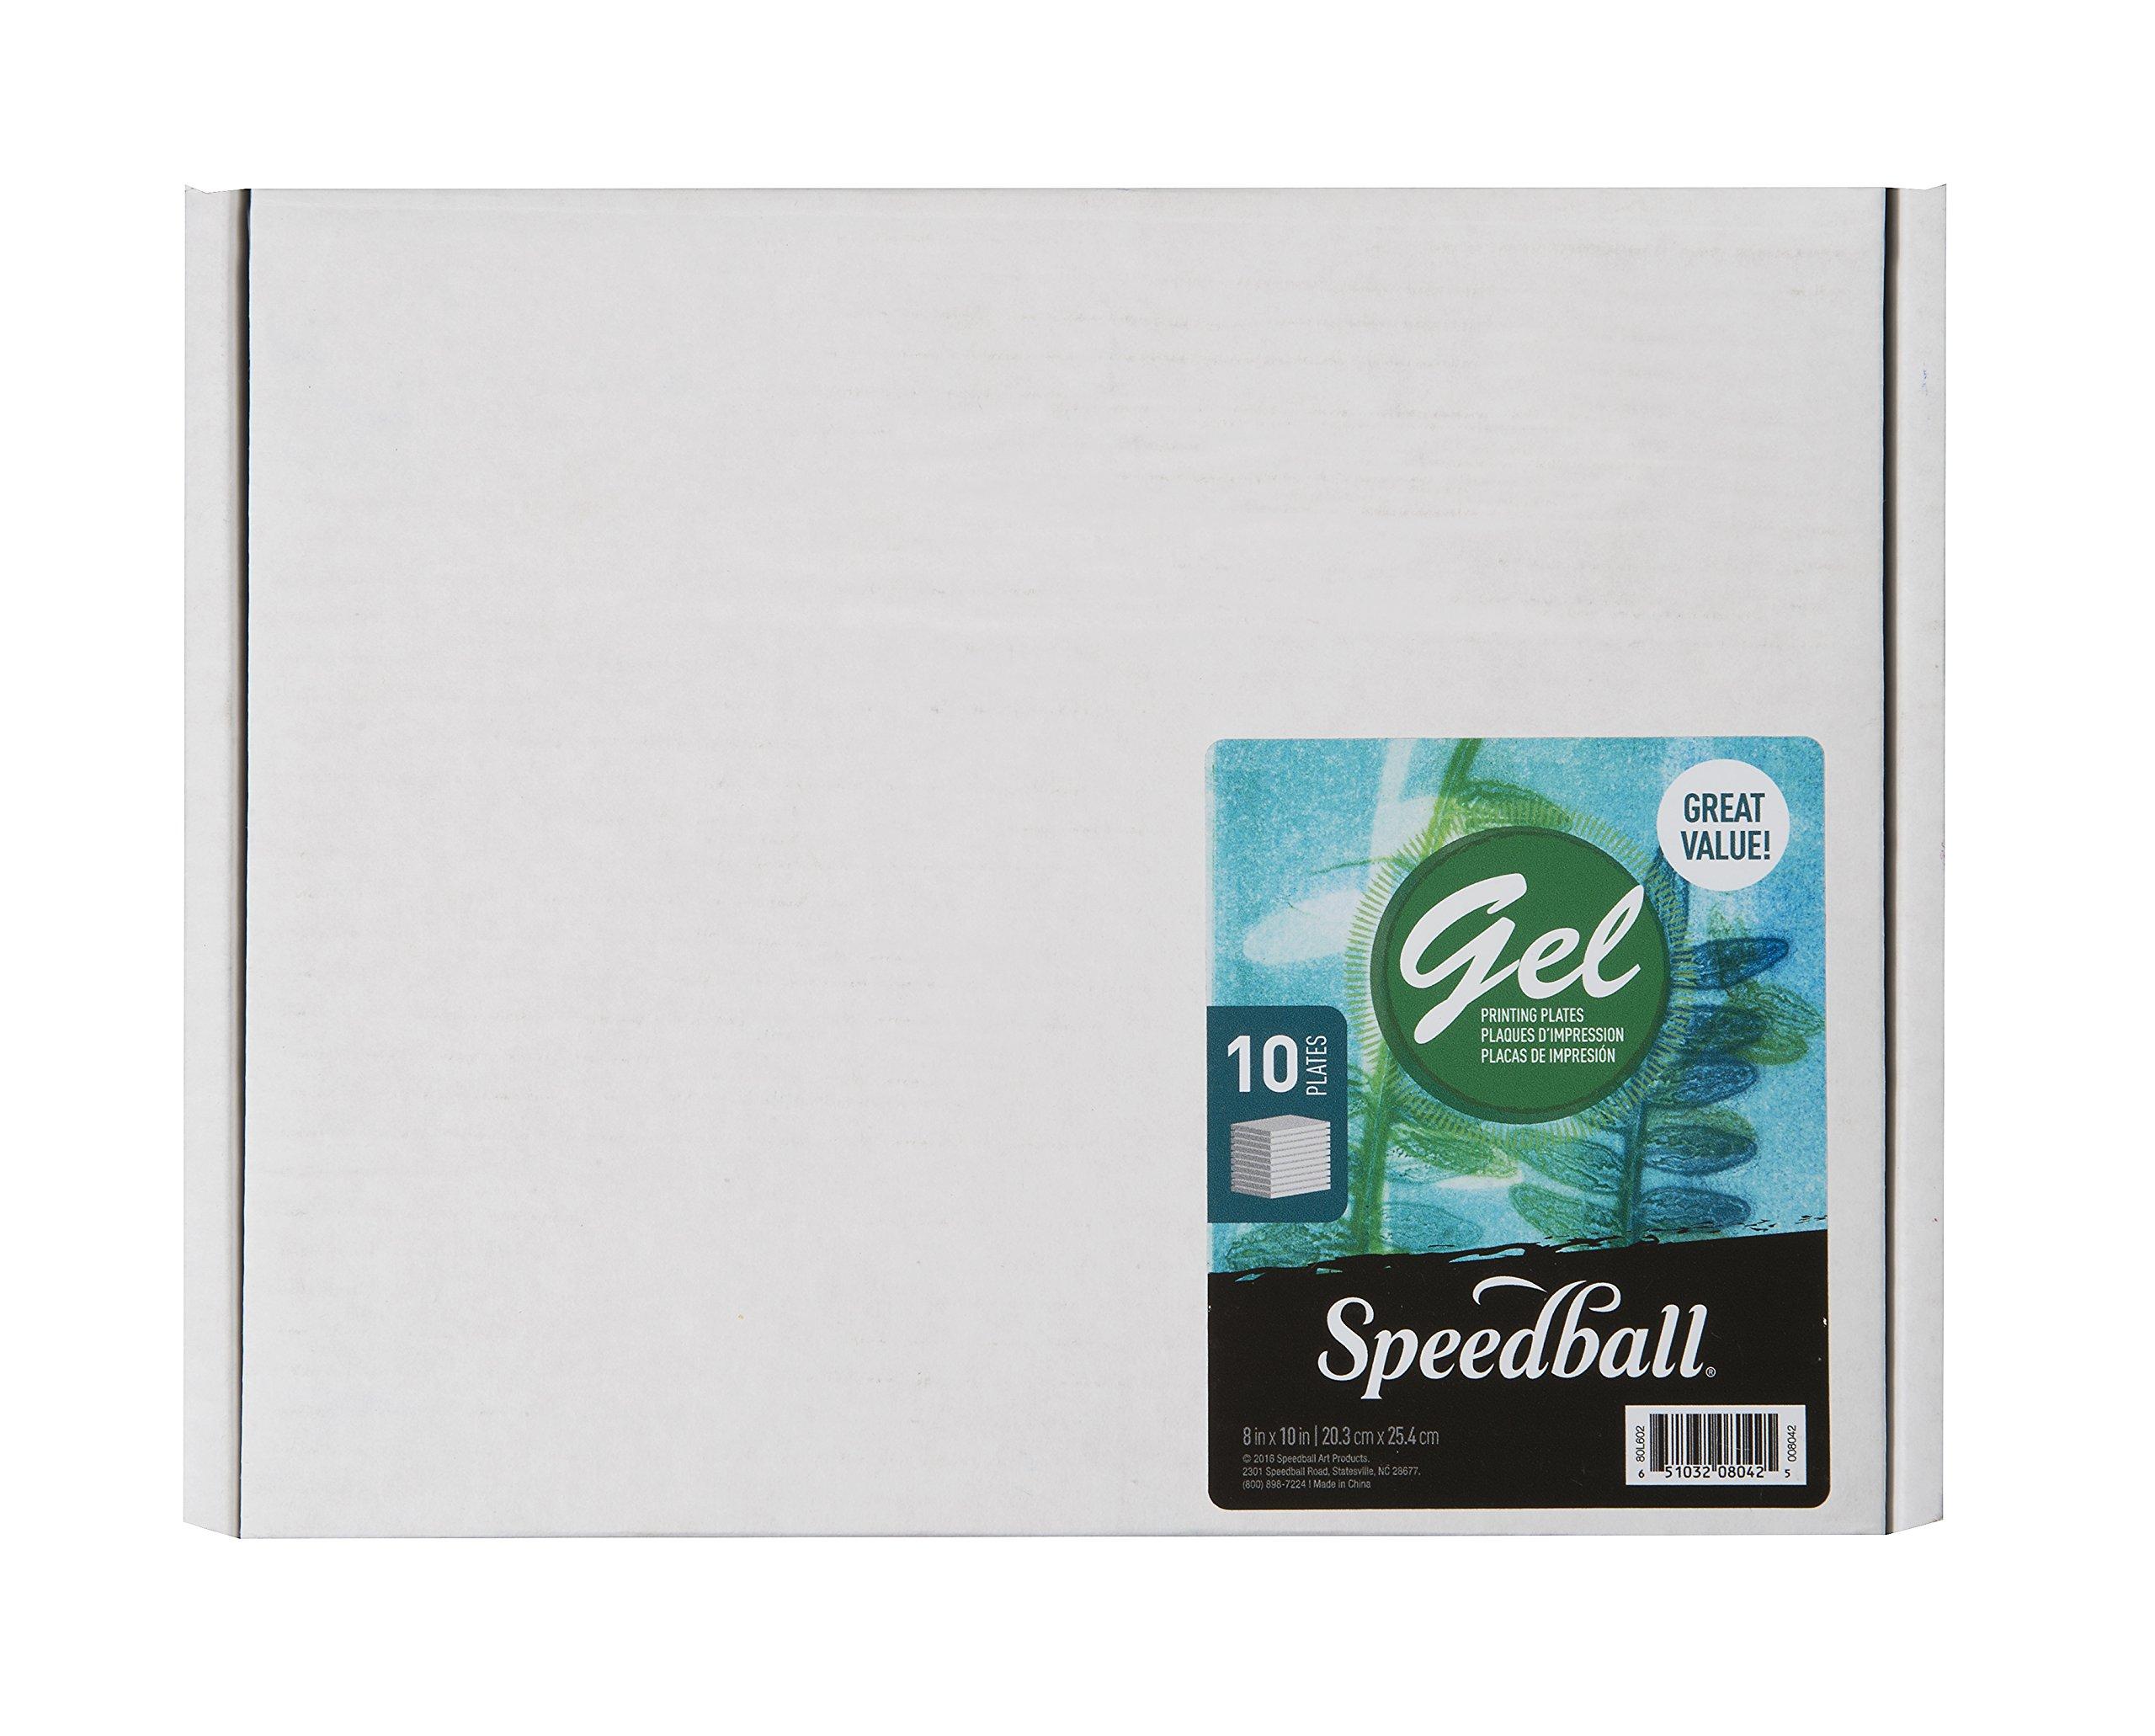 Plancha De Gel Para Impresiones Speedball 20x25cm X 10